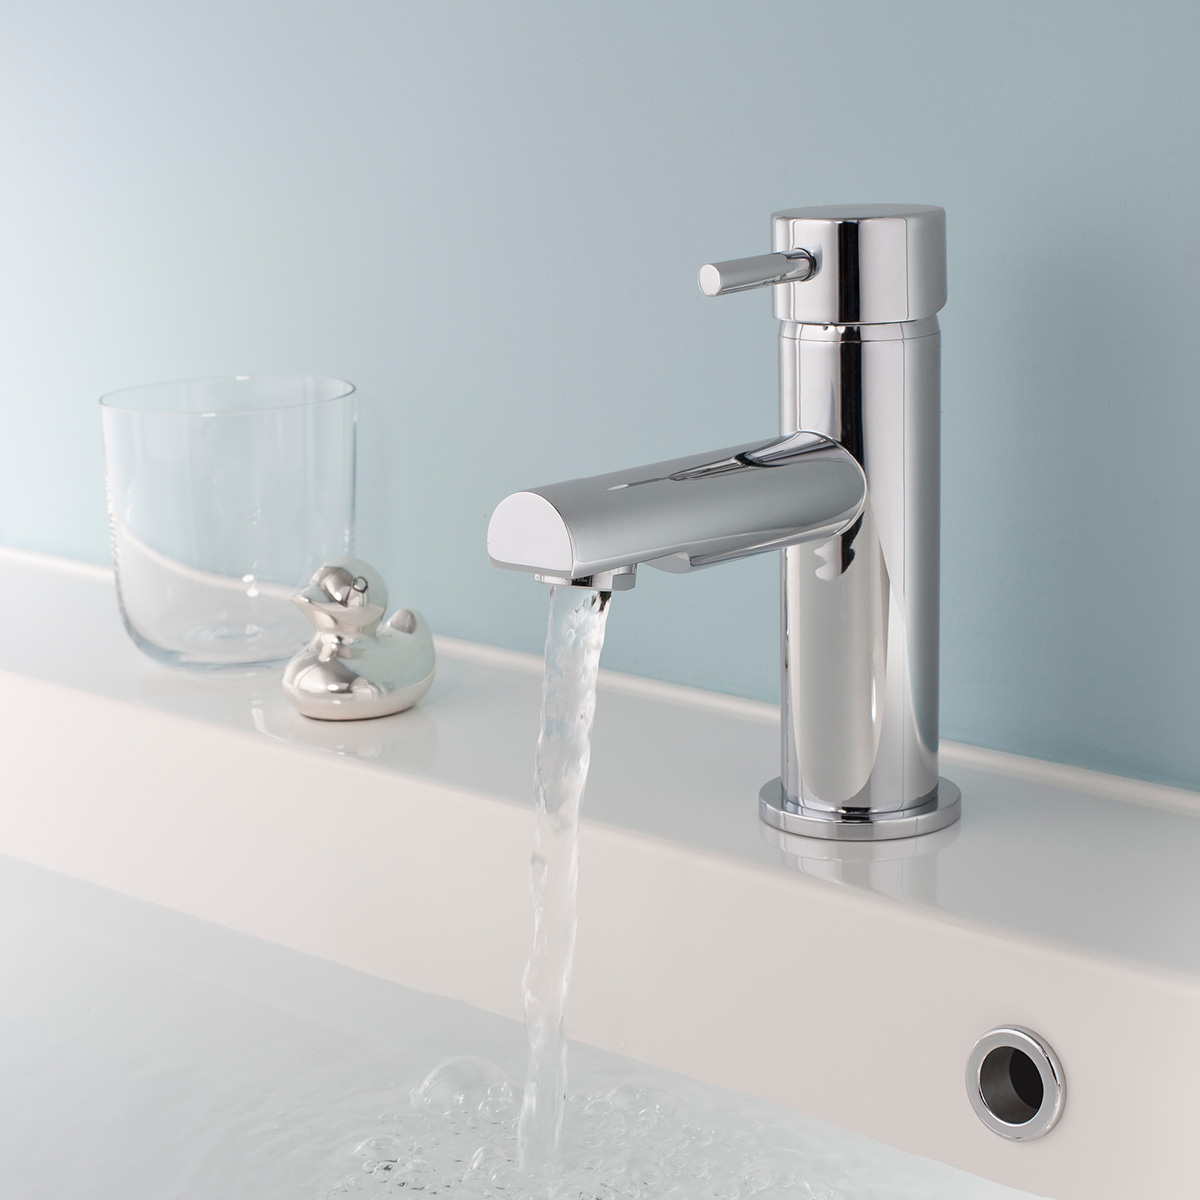 Kai Lever basin monobloc in Kai Lever | Luxury bathrooms UK ...